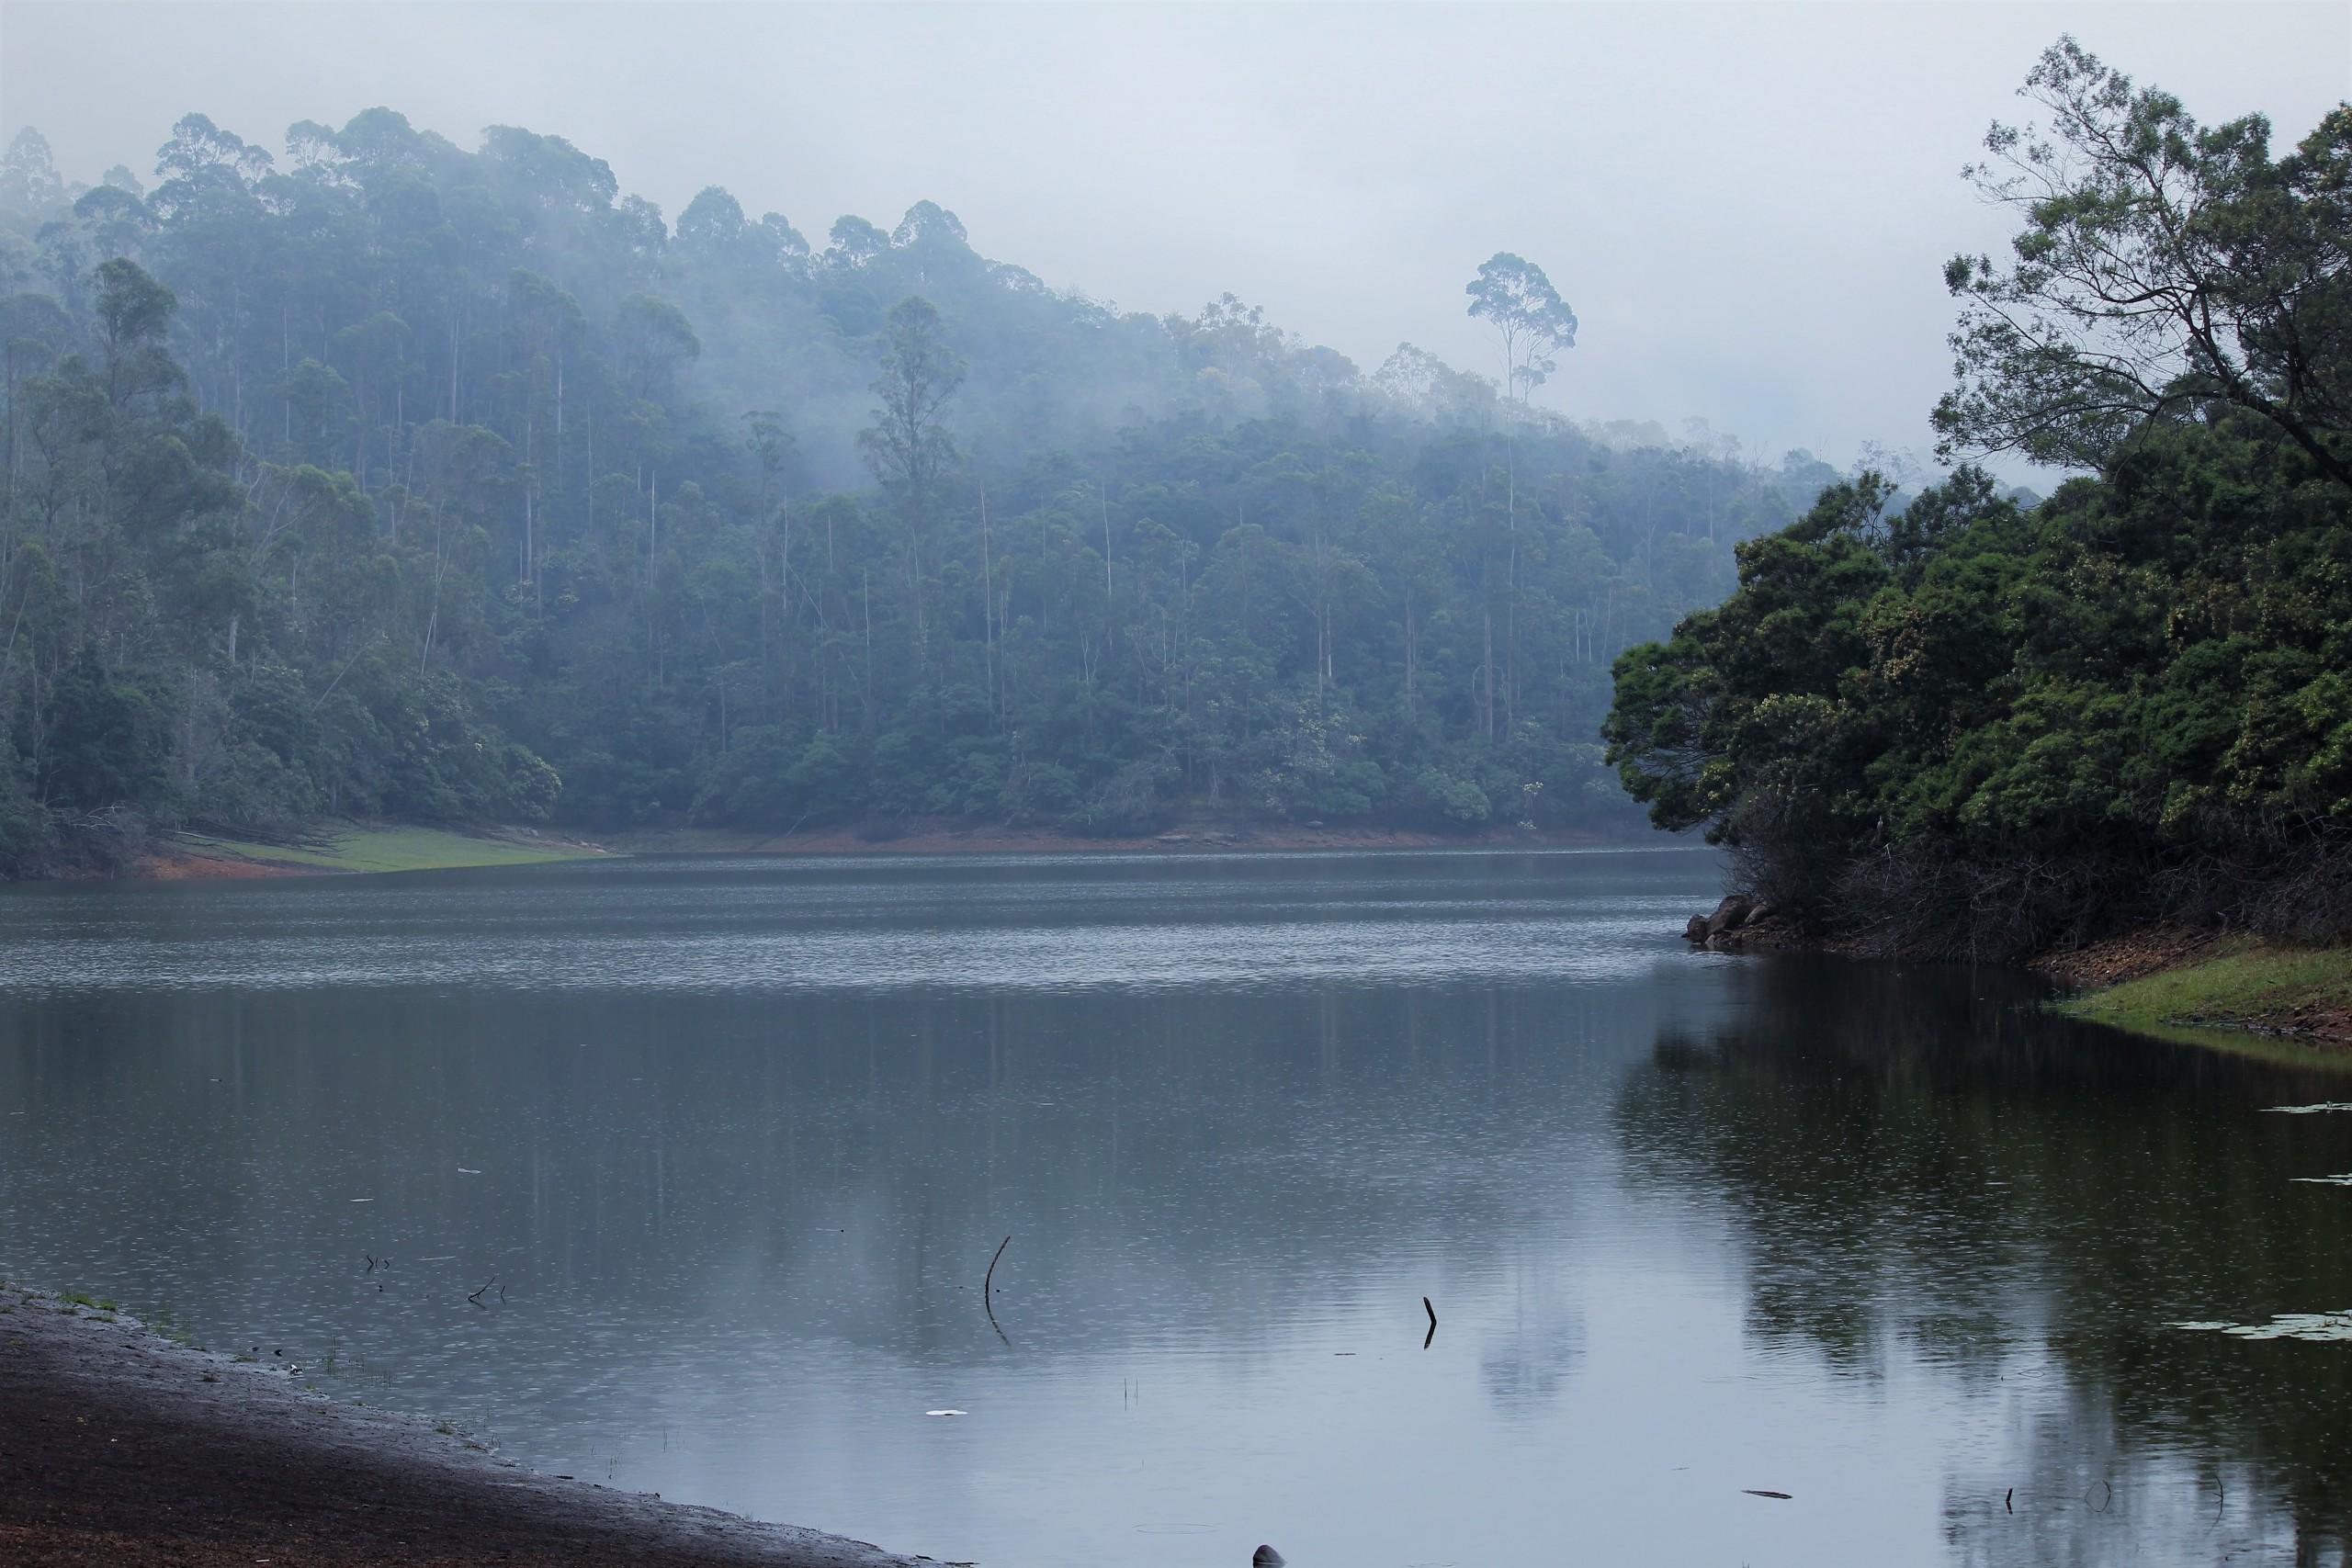 fog at a lake